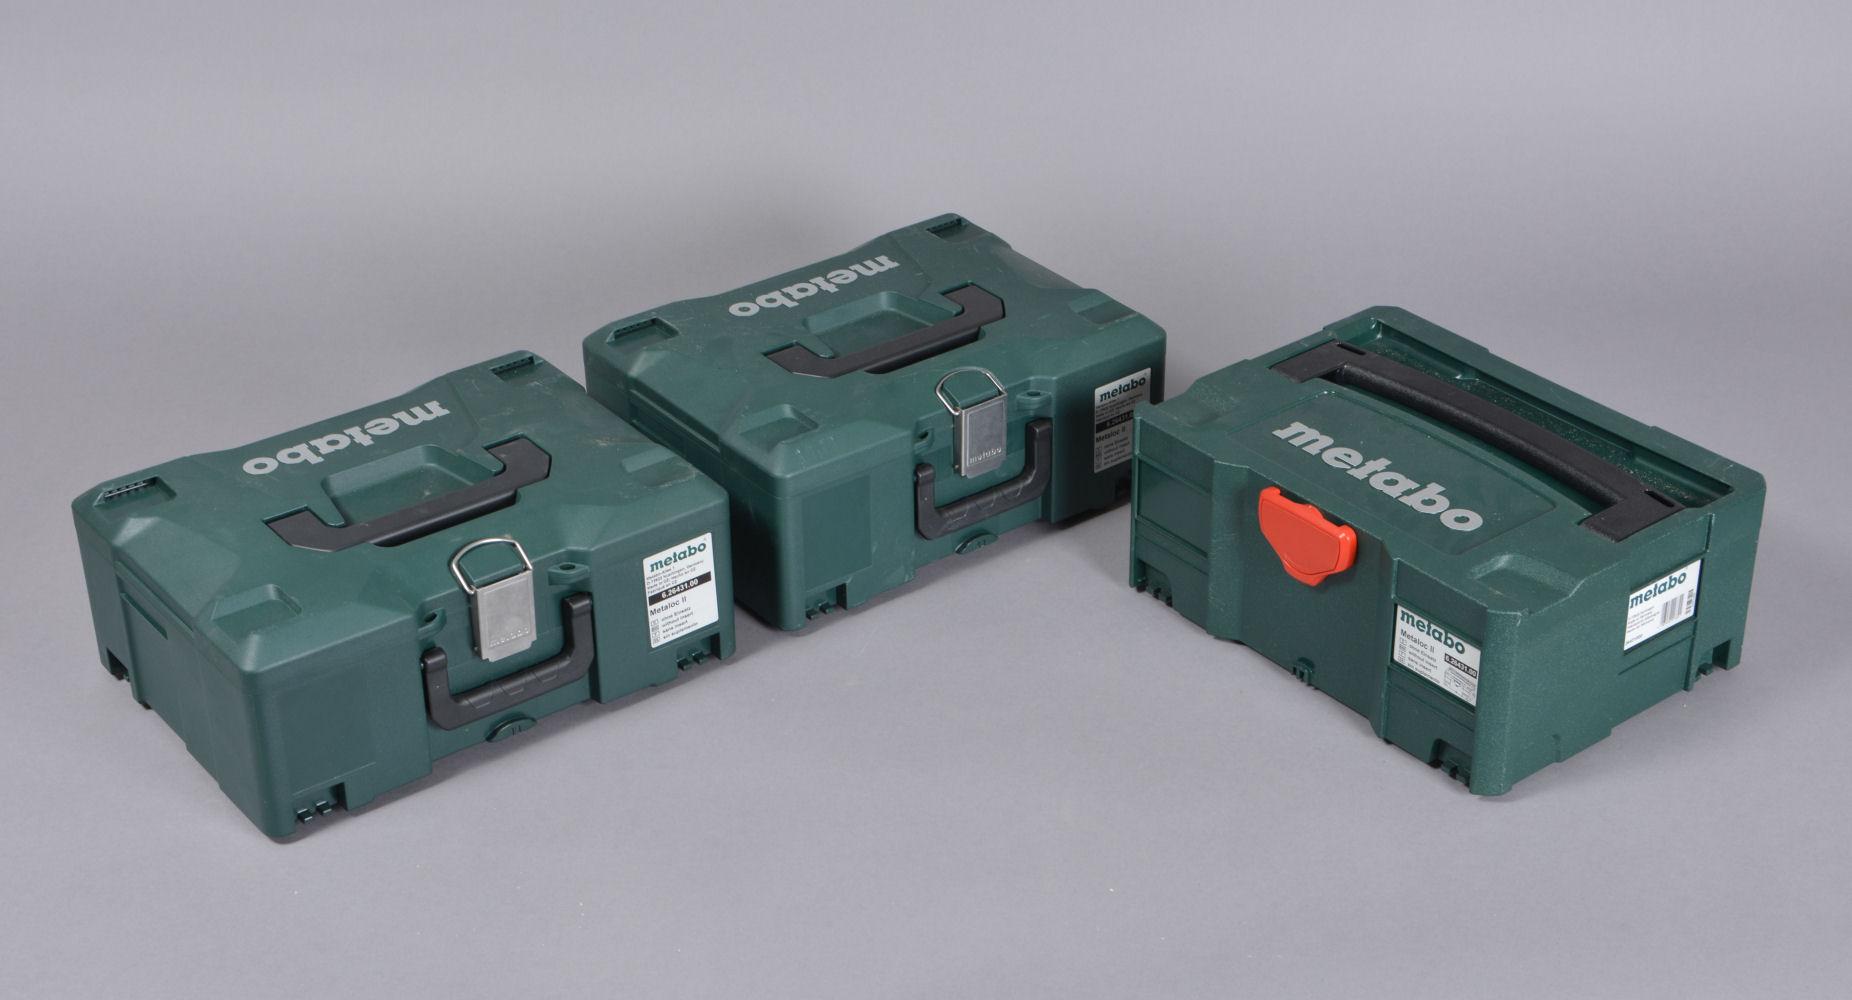 Metabo værktøj. Slagbor, vinkelsliber og boremaskine, 2 el, 1. batteri - Metabo værktøj. Slagboremaskine og vinkelsliber til 220 volt, samt batteridrevet boremaskine. Medflg. ladeapparat og ekstra batteri. Lette / minmale brugsspor